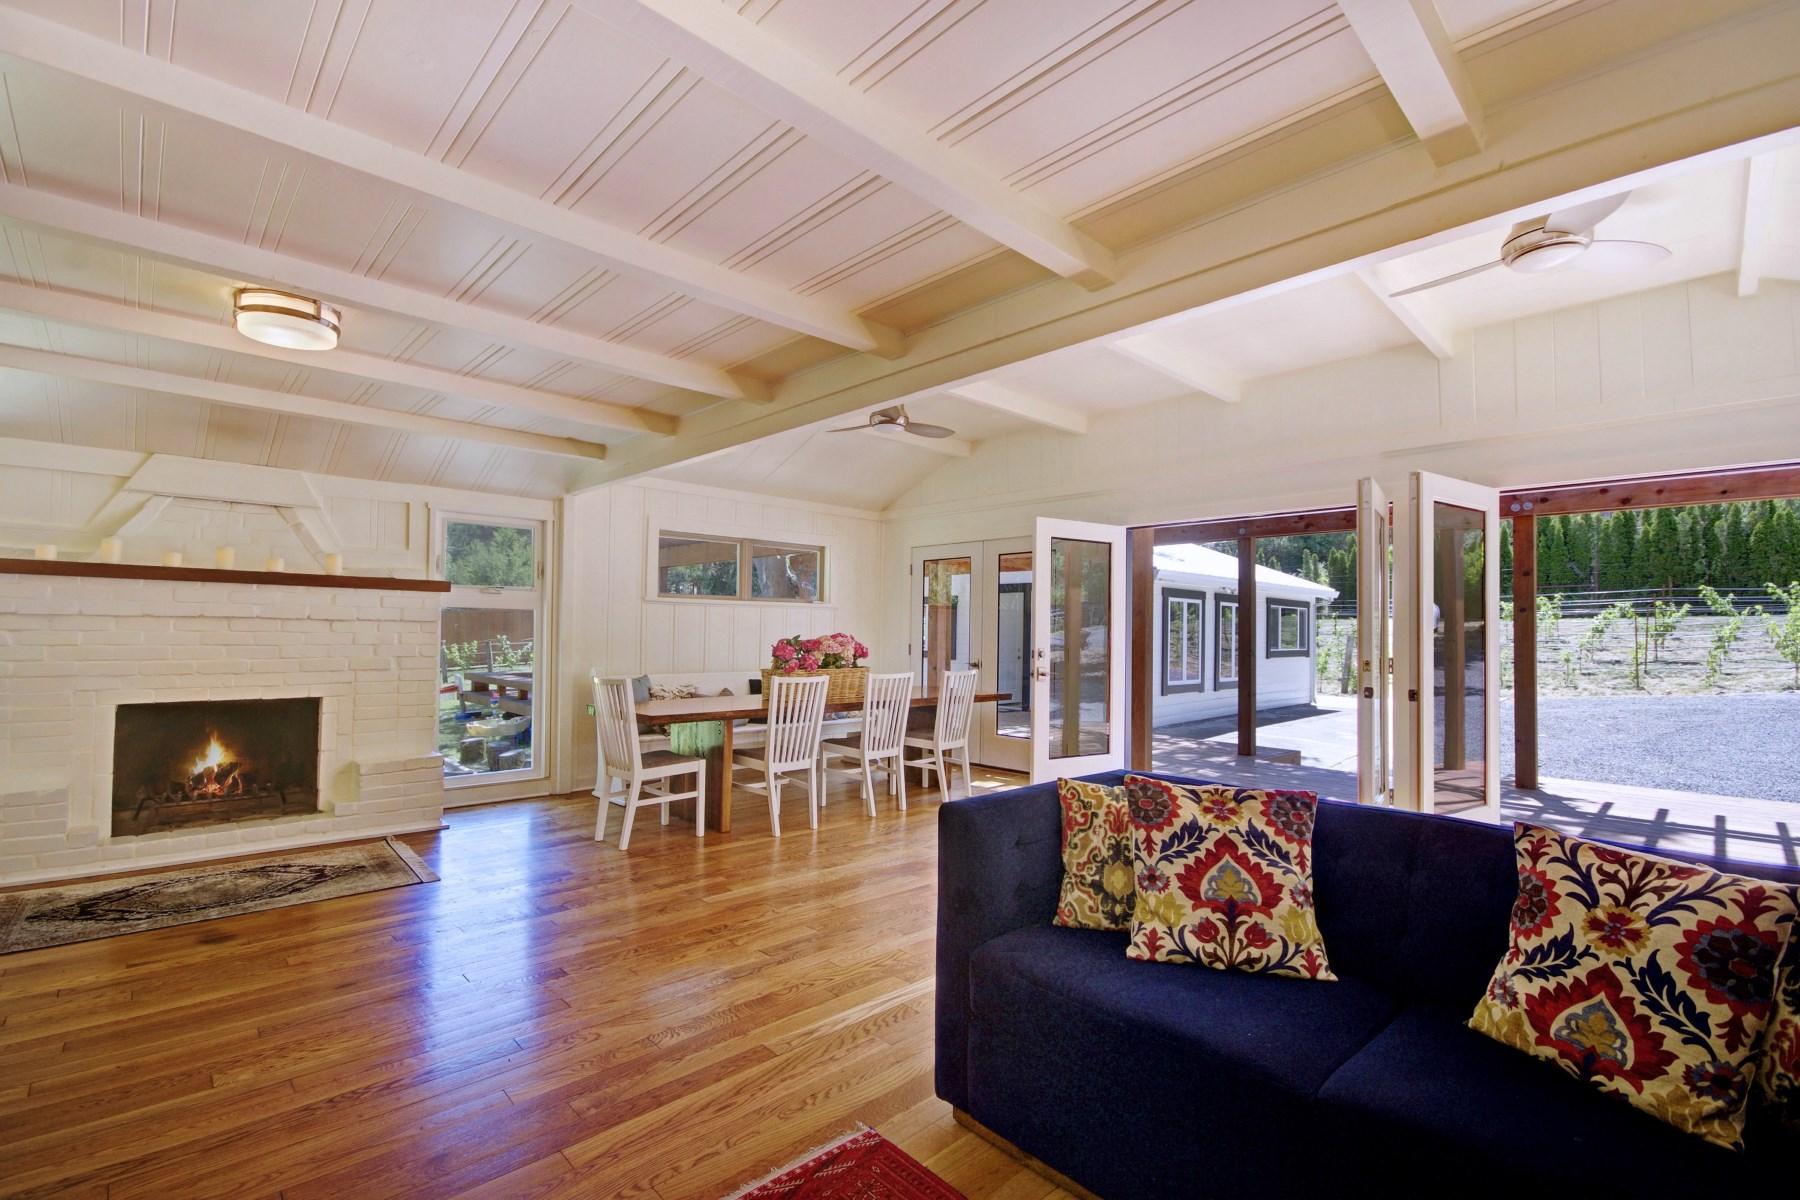 Maison unifamiliale pour l Vente à Wonderful Creekside Setting 1501 Dawn Hill Rd Glen Ellen, Californie, 95442 États-Unis